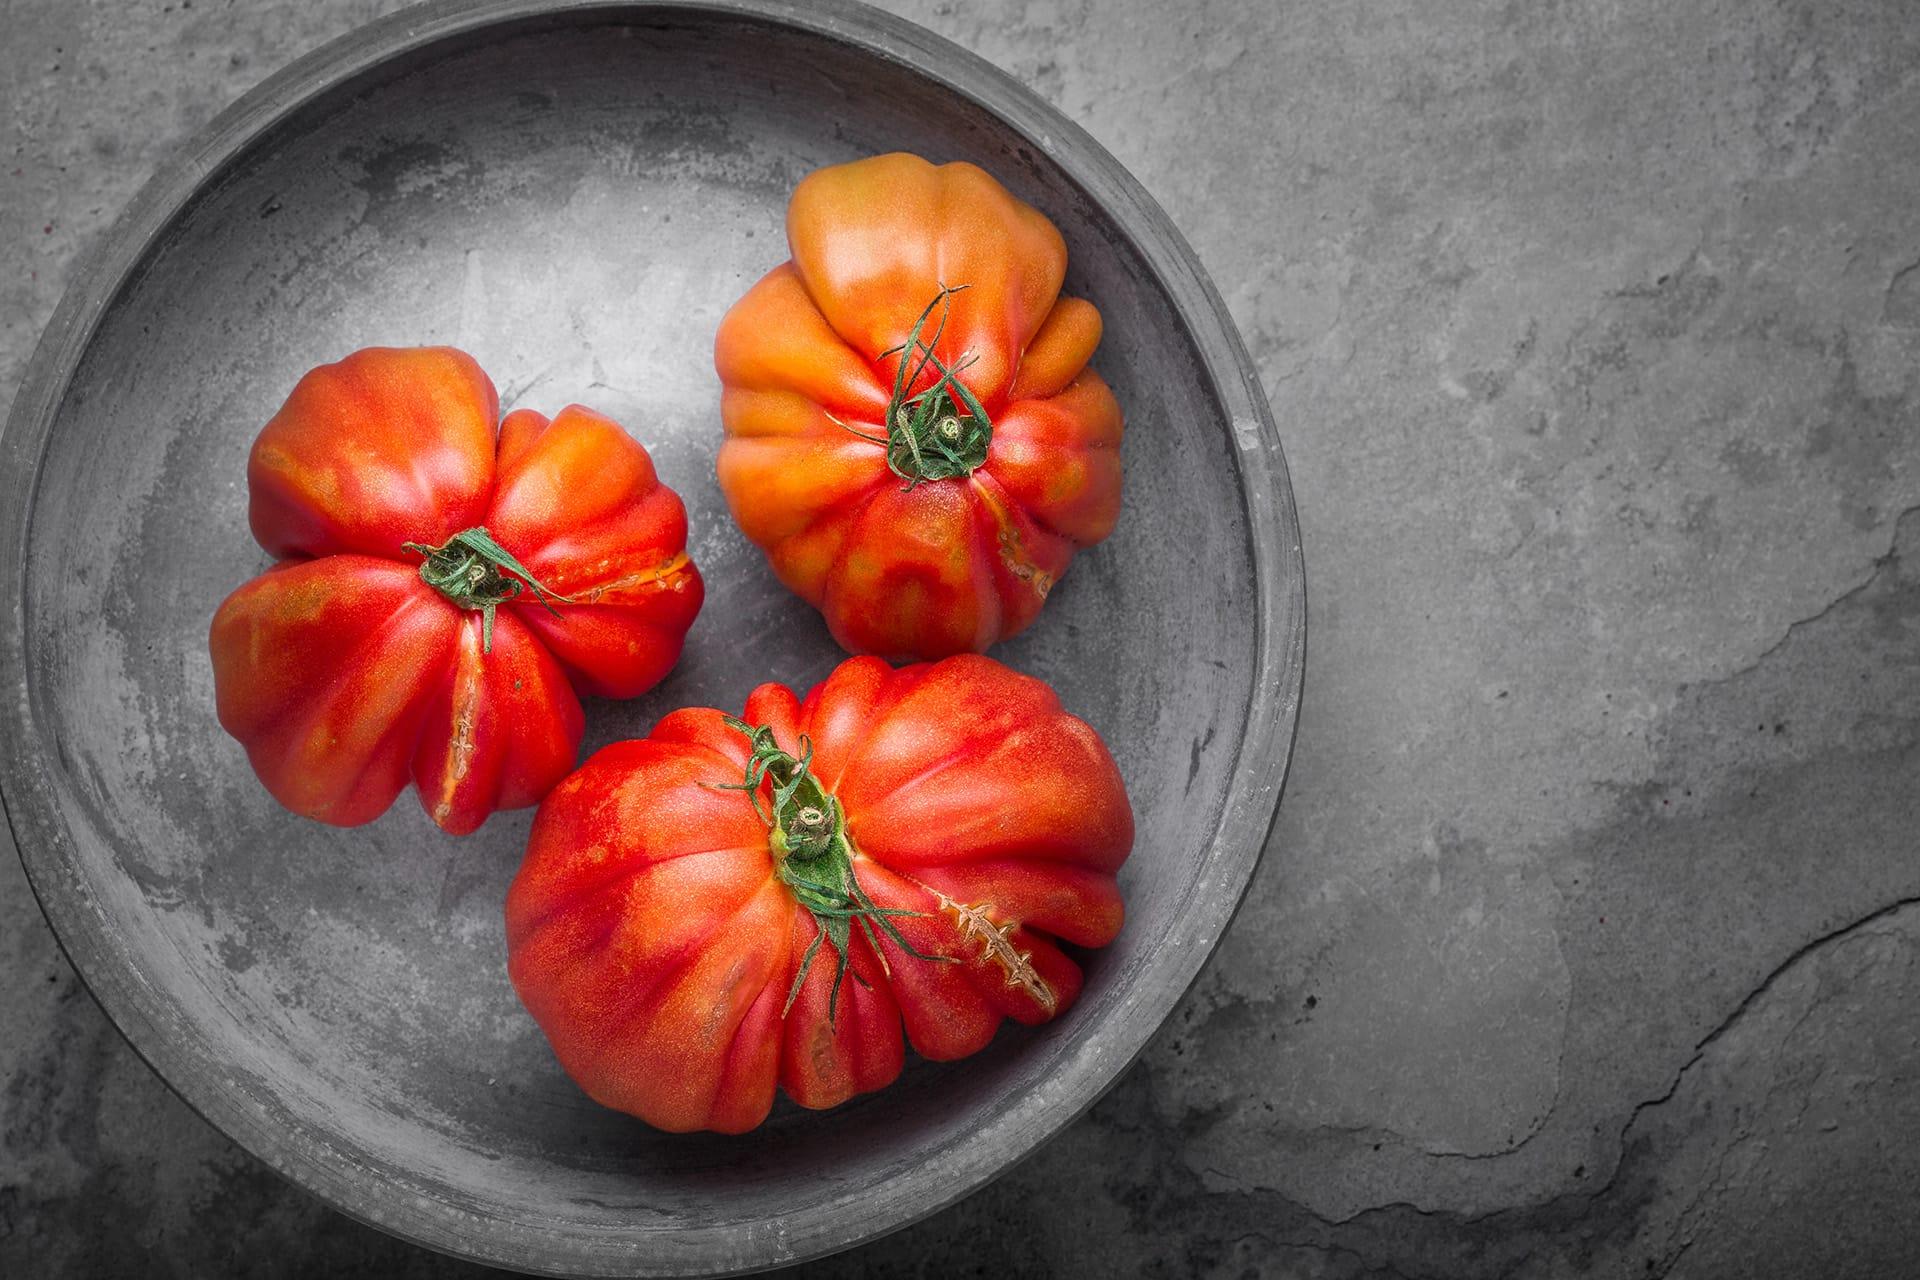 pomodori rossi cuore di bue su piatto in cemento e fondo di pietra fotografia food editoriale advertising ristorazione udine treviso gorizia friuli venezia giulia veneto nord italia